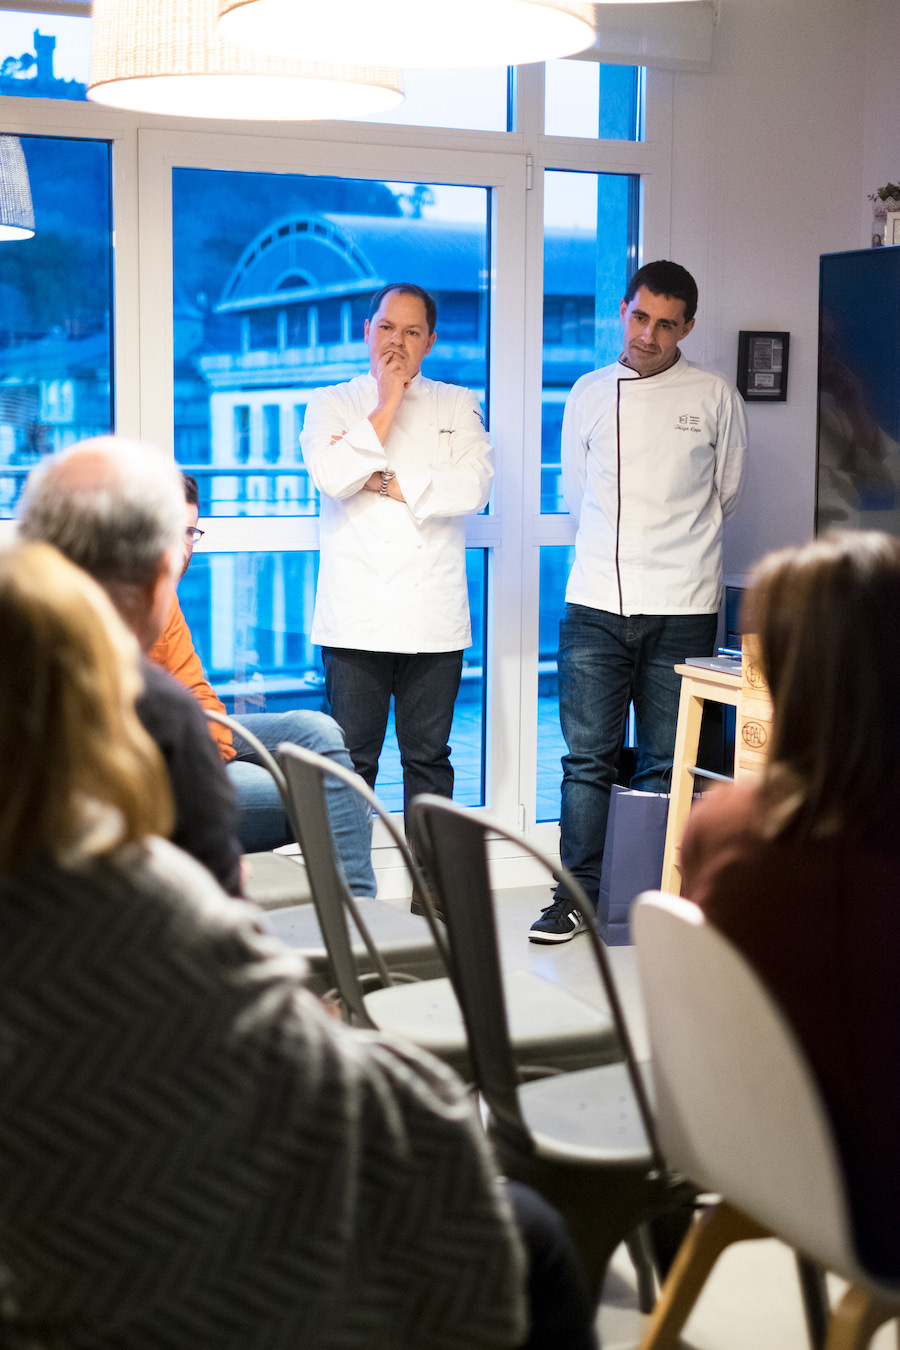 Iñigo Cojo, cocinero investigador del Basque Culinary Centre, y Enrique Fleischmann's de Cooking Group